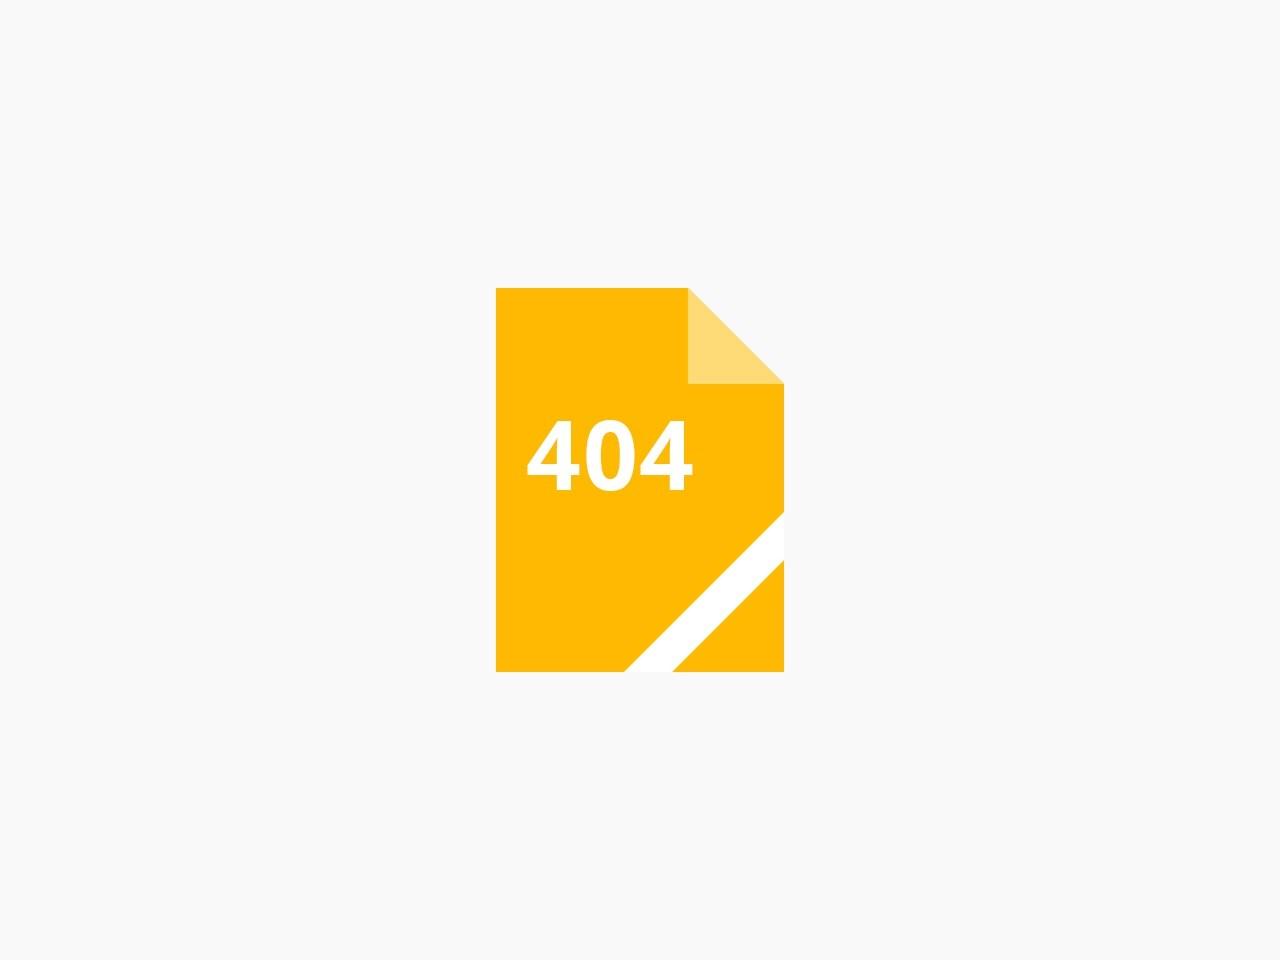 """天津市教育委员会教育信息化管理中心图片信息"""""""